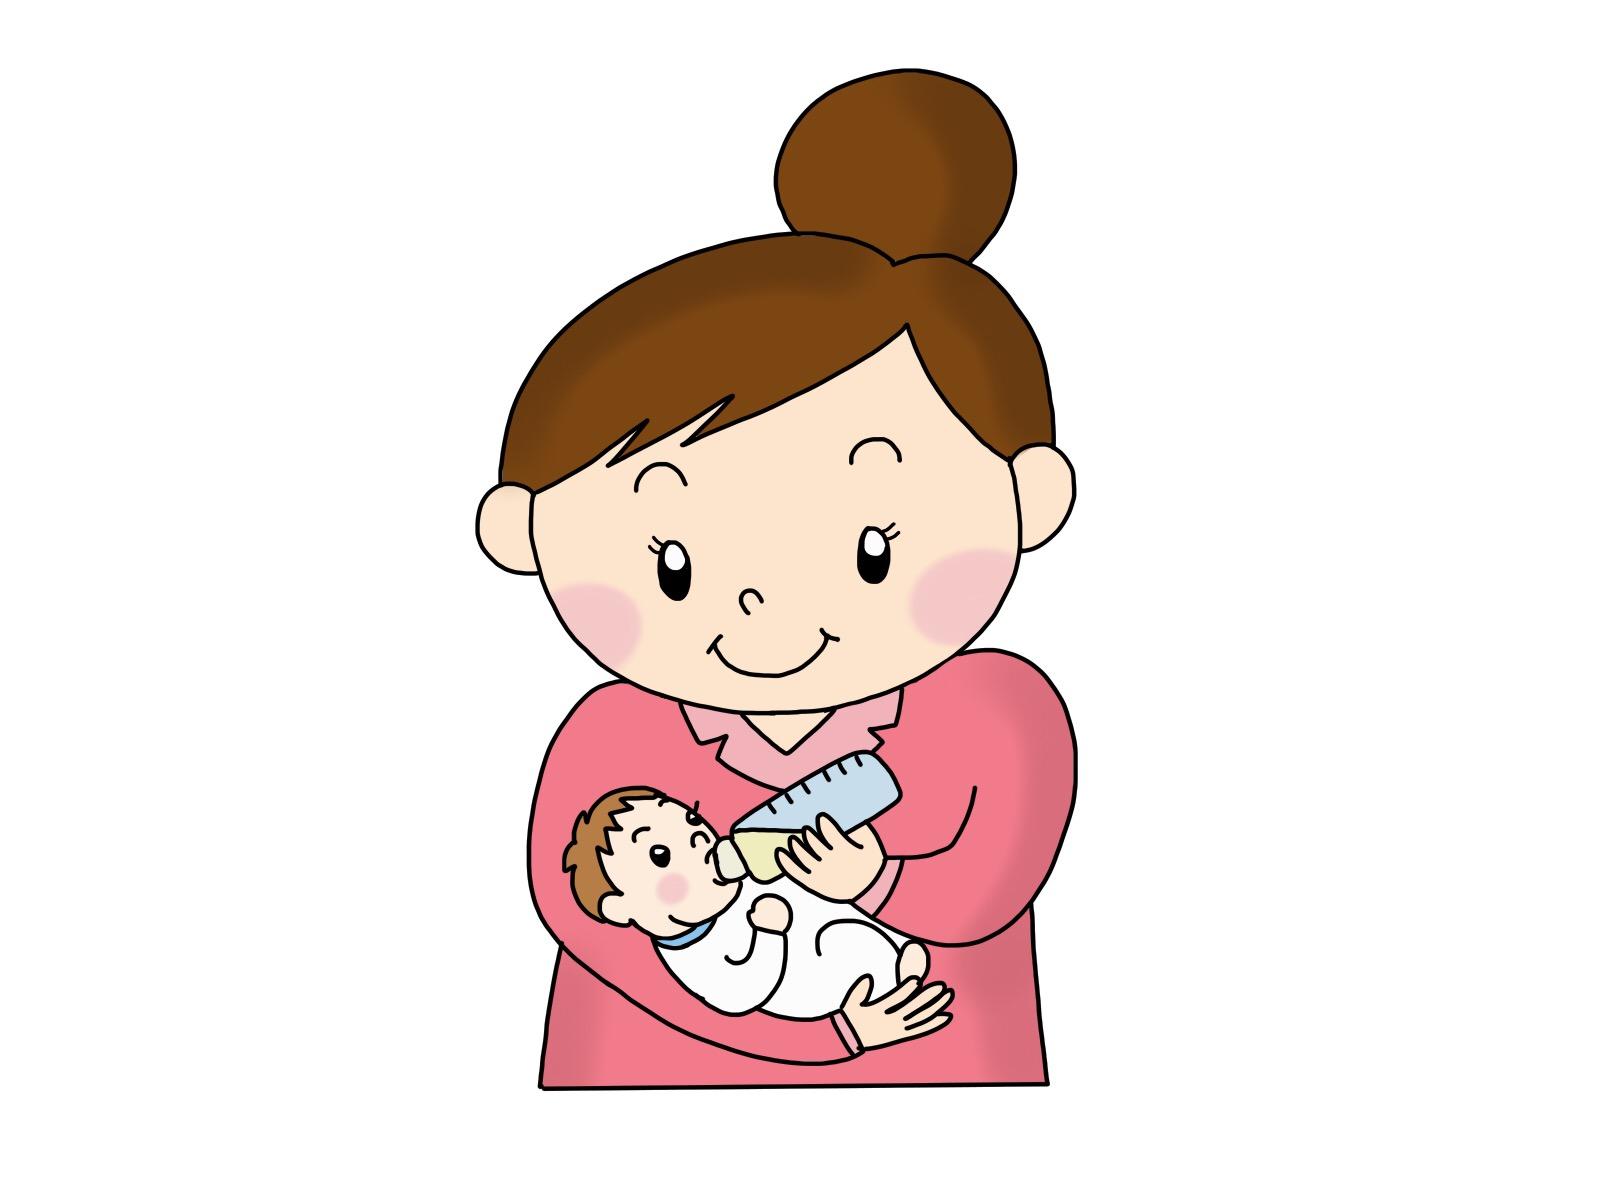 母乳は搾乳より直接授乳したほうが、喘息の予防になるかもしれない